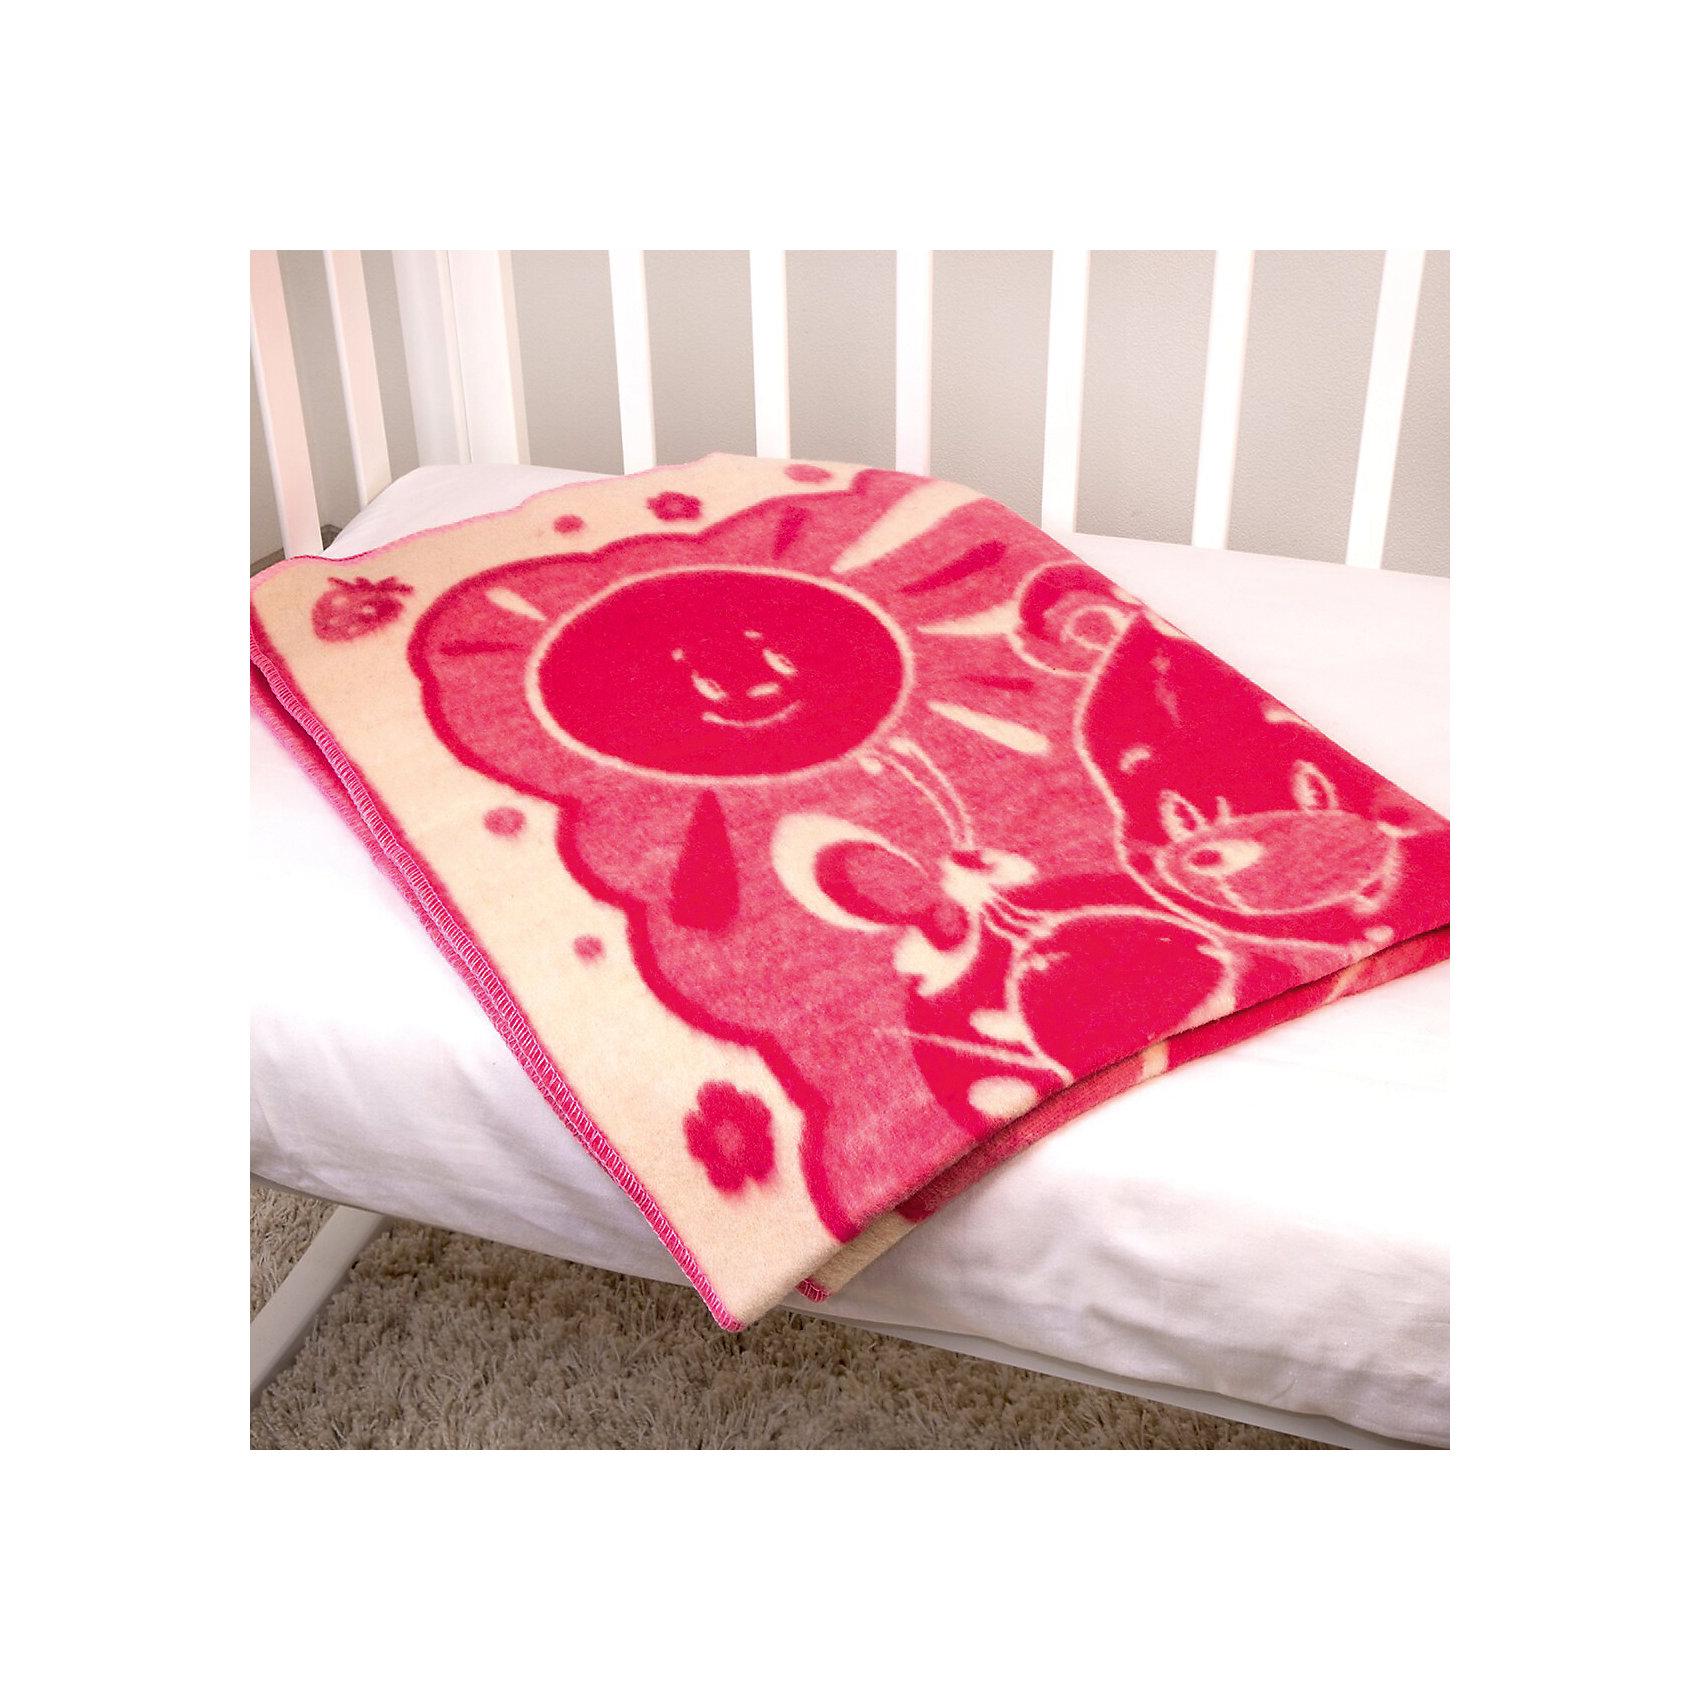 Одеяло байковое Медвежонок, 100х140, Baby Nice, розовыйОдеяла, пледы<br>Постельные принадлежности для детей должны быть качественными и безопасными. Это одеяло разработано специально для малышей, оно обеспечивает комфорт на всю ночь. Одеяло украшено симпатичным принтом.<br>Одеяло сшито из натурального дышащего хлопка, приятного на ощупь. Он не вызывает аллергии, что особенно важно для малышей. Оно обеспечит хорошую терморегуляцию, а значит - крепкий сон. Одеяло сделано из высококачественных материалов, безопасных для ребенка.<br><br>Дополнительная информация:<br><br>цвет: розовый;<br>материал: хлопок, жаккард;<br>принт;<br>размер: 100 х 140 см.<br><br>Одеяло байковое Медвежонок, 100х140 от компании Baby Nice можно купить в нашем магазине.<br><br>Ширина мм: 230<br>Глубина мм: 250<br>Высота мм: 40<br>Вес г: 500<br>Возраст от месяцев: 0<br>Возраст до месяцев: 36<br>Пол: Унисекс<br>Возраст: Детский<br>SKU: 4941755